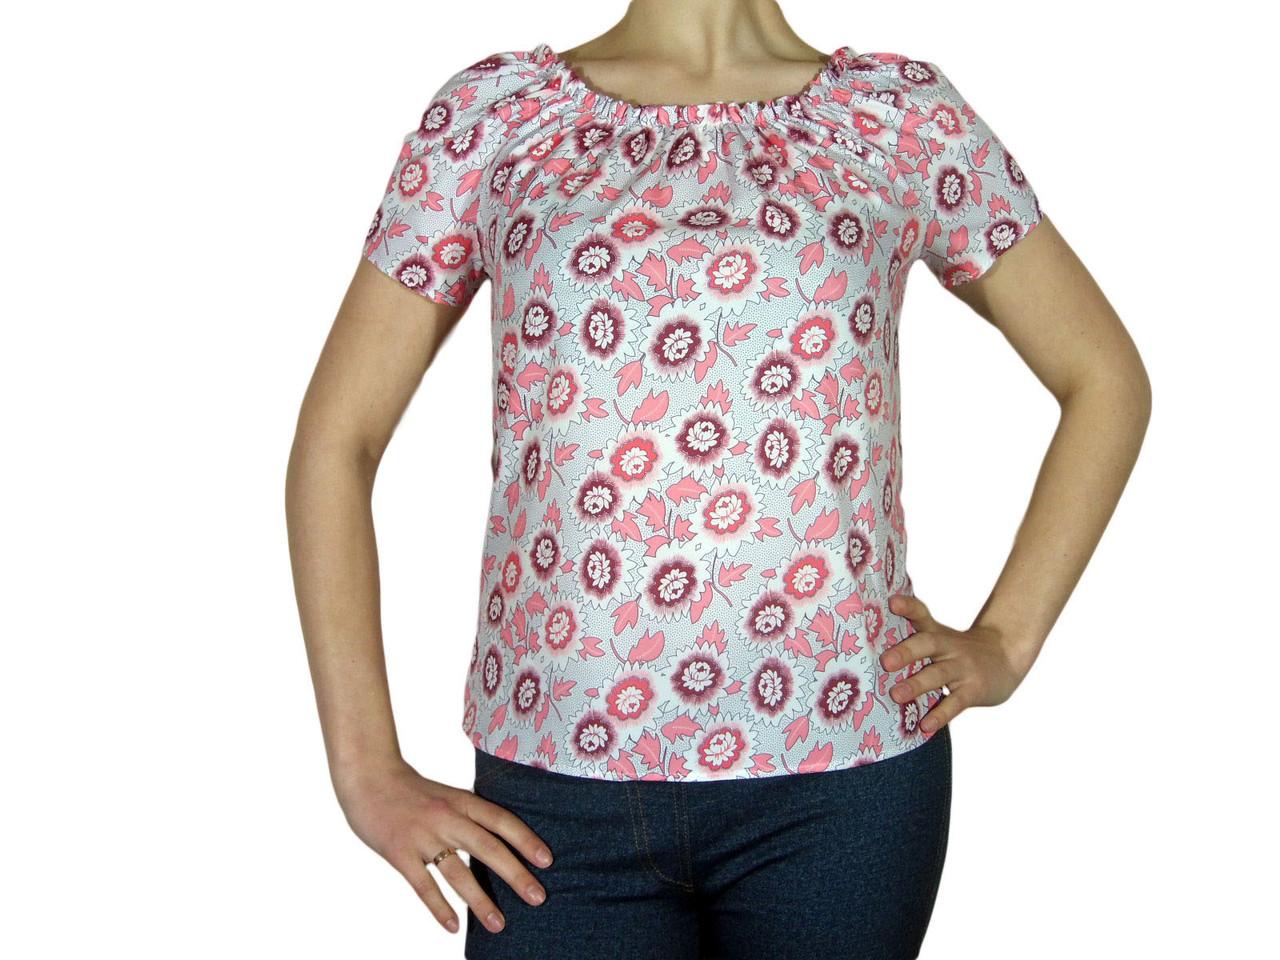 """Женская блузка с коротким рукавом и сборкой тм """"Tasani"""" белая + цветочный принт"""